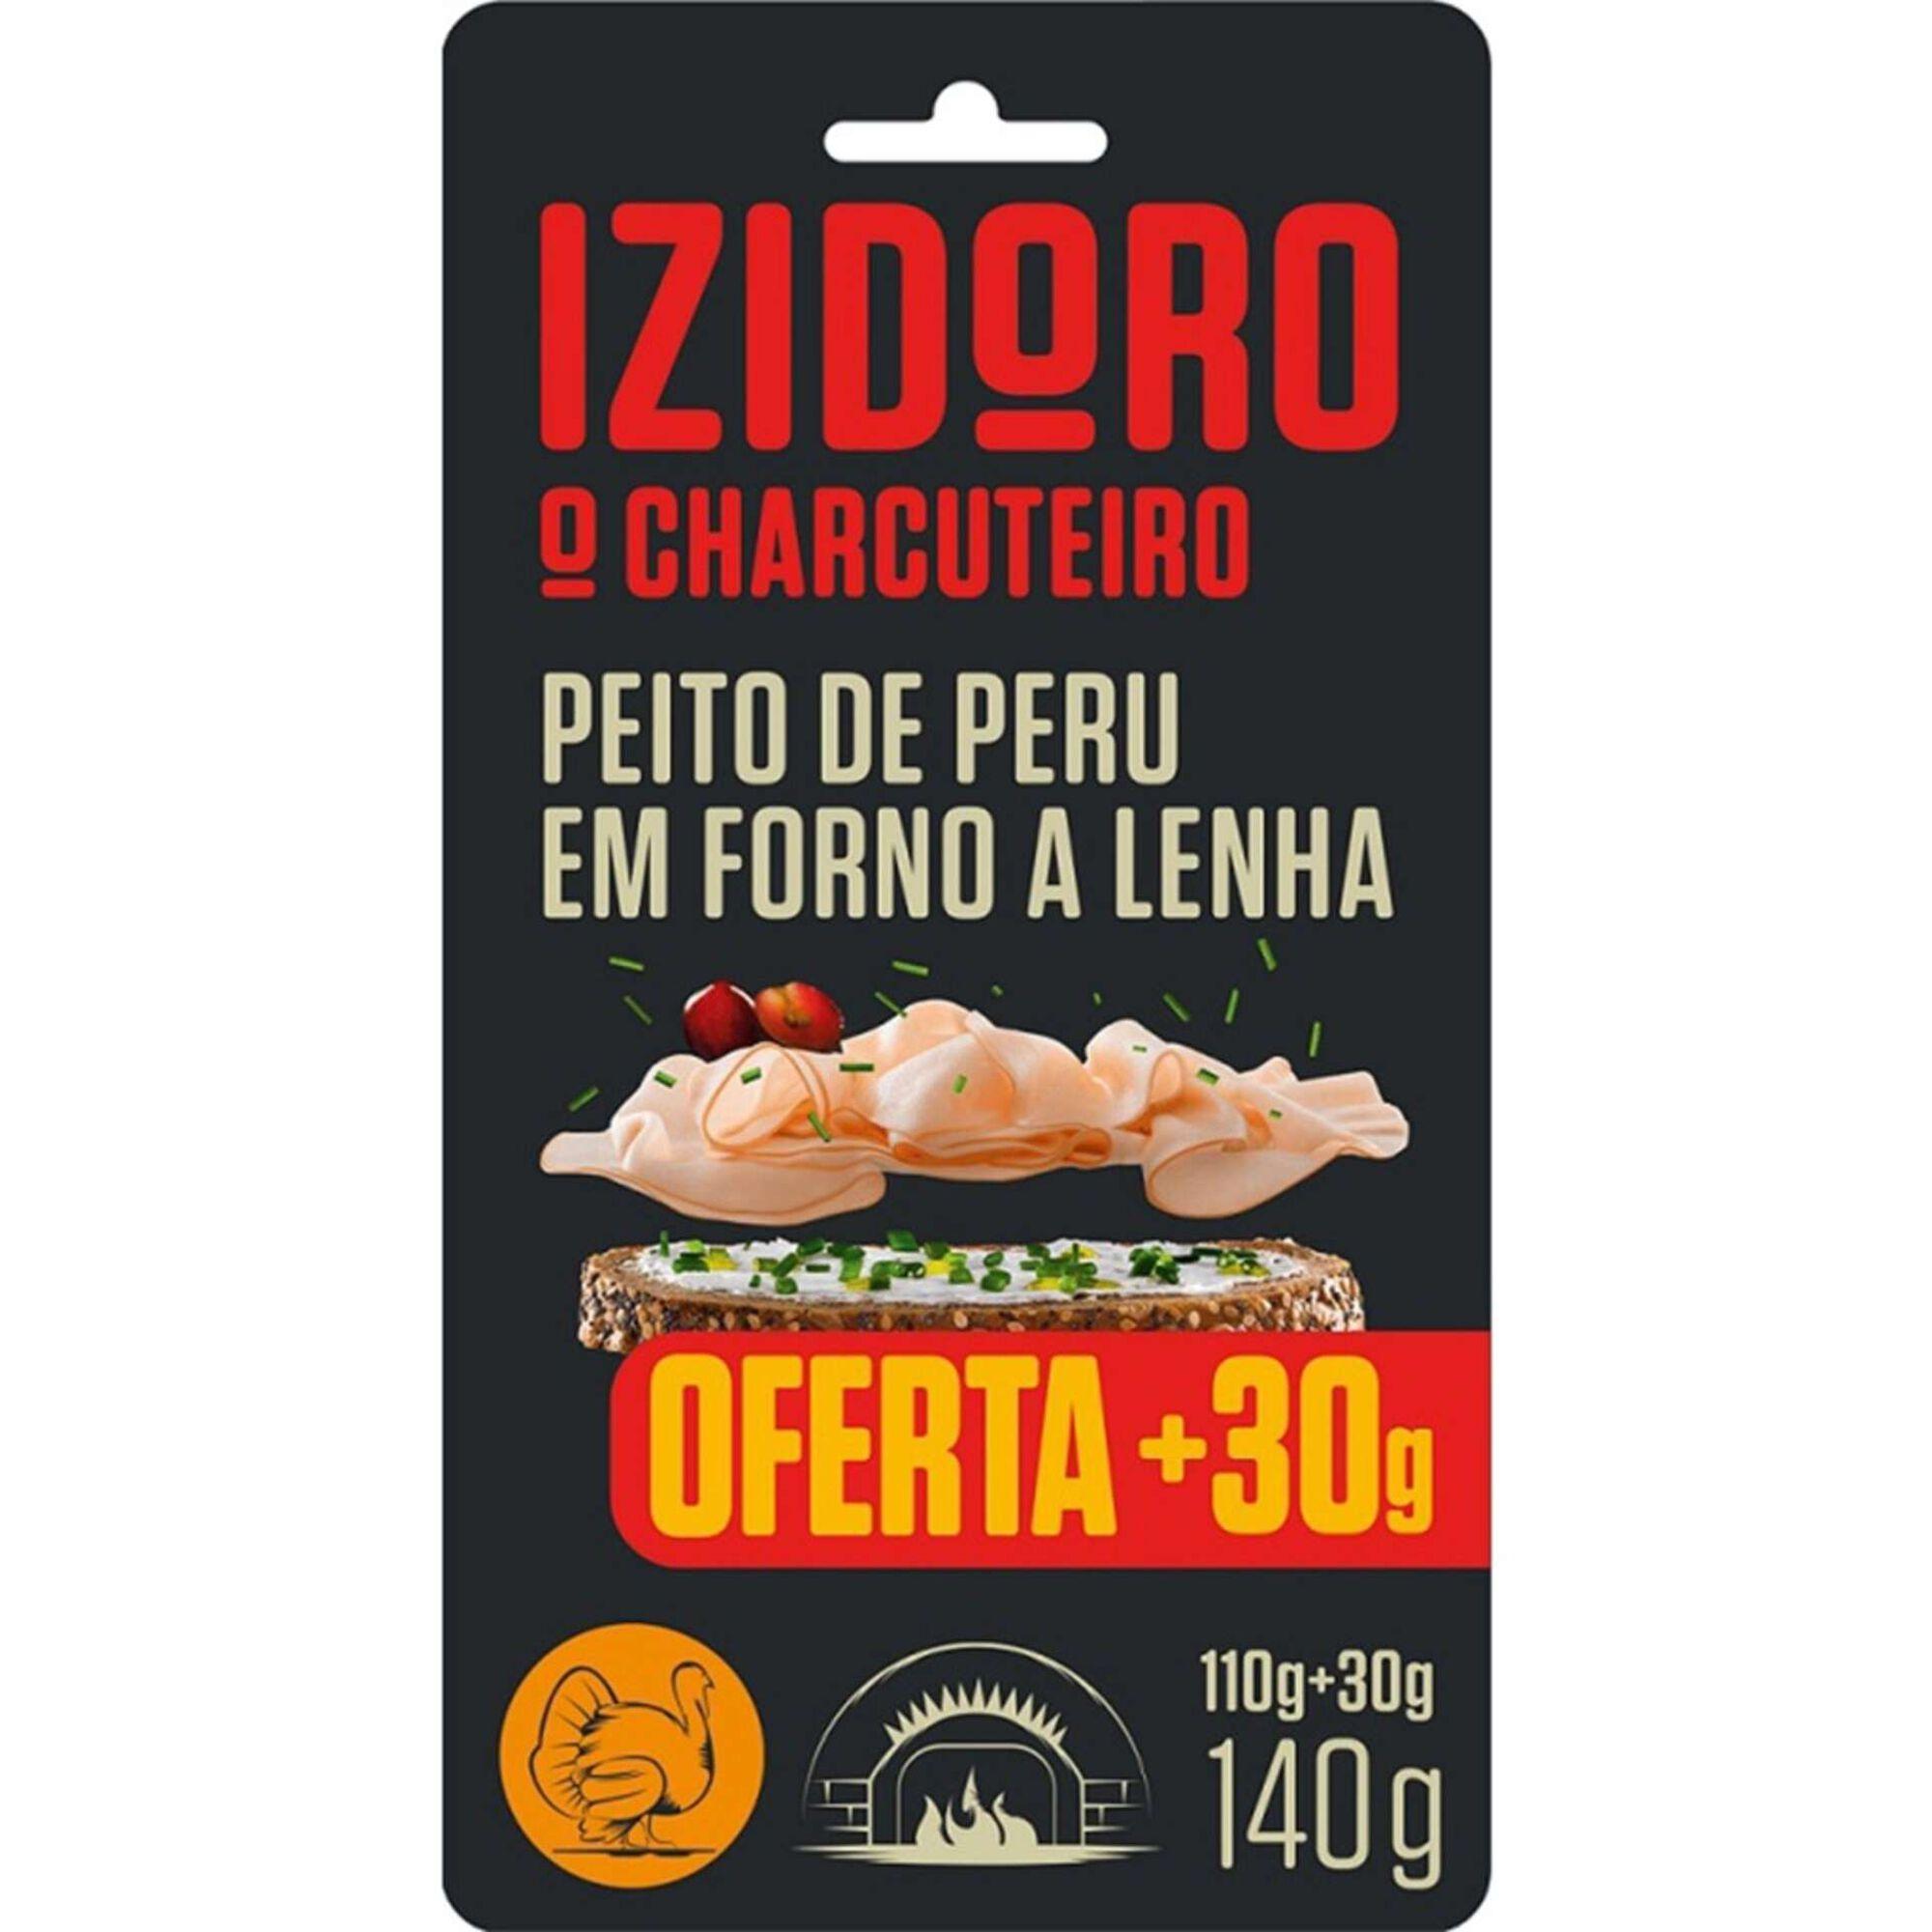 Fiambre Peito de Peru Forno a Lenha